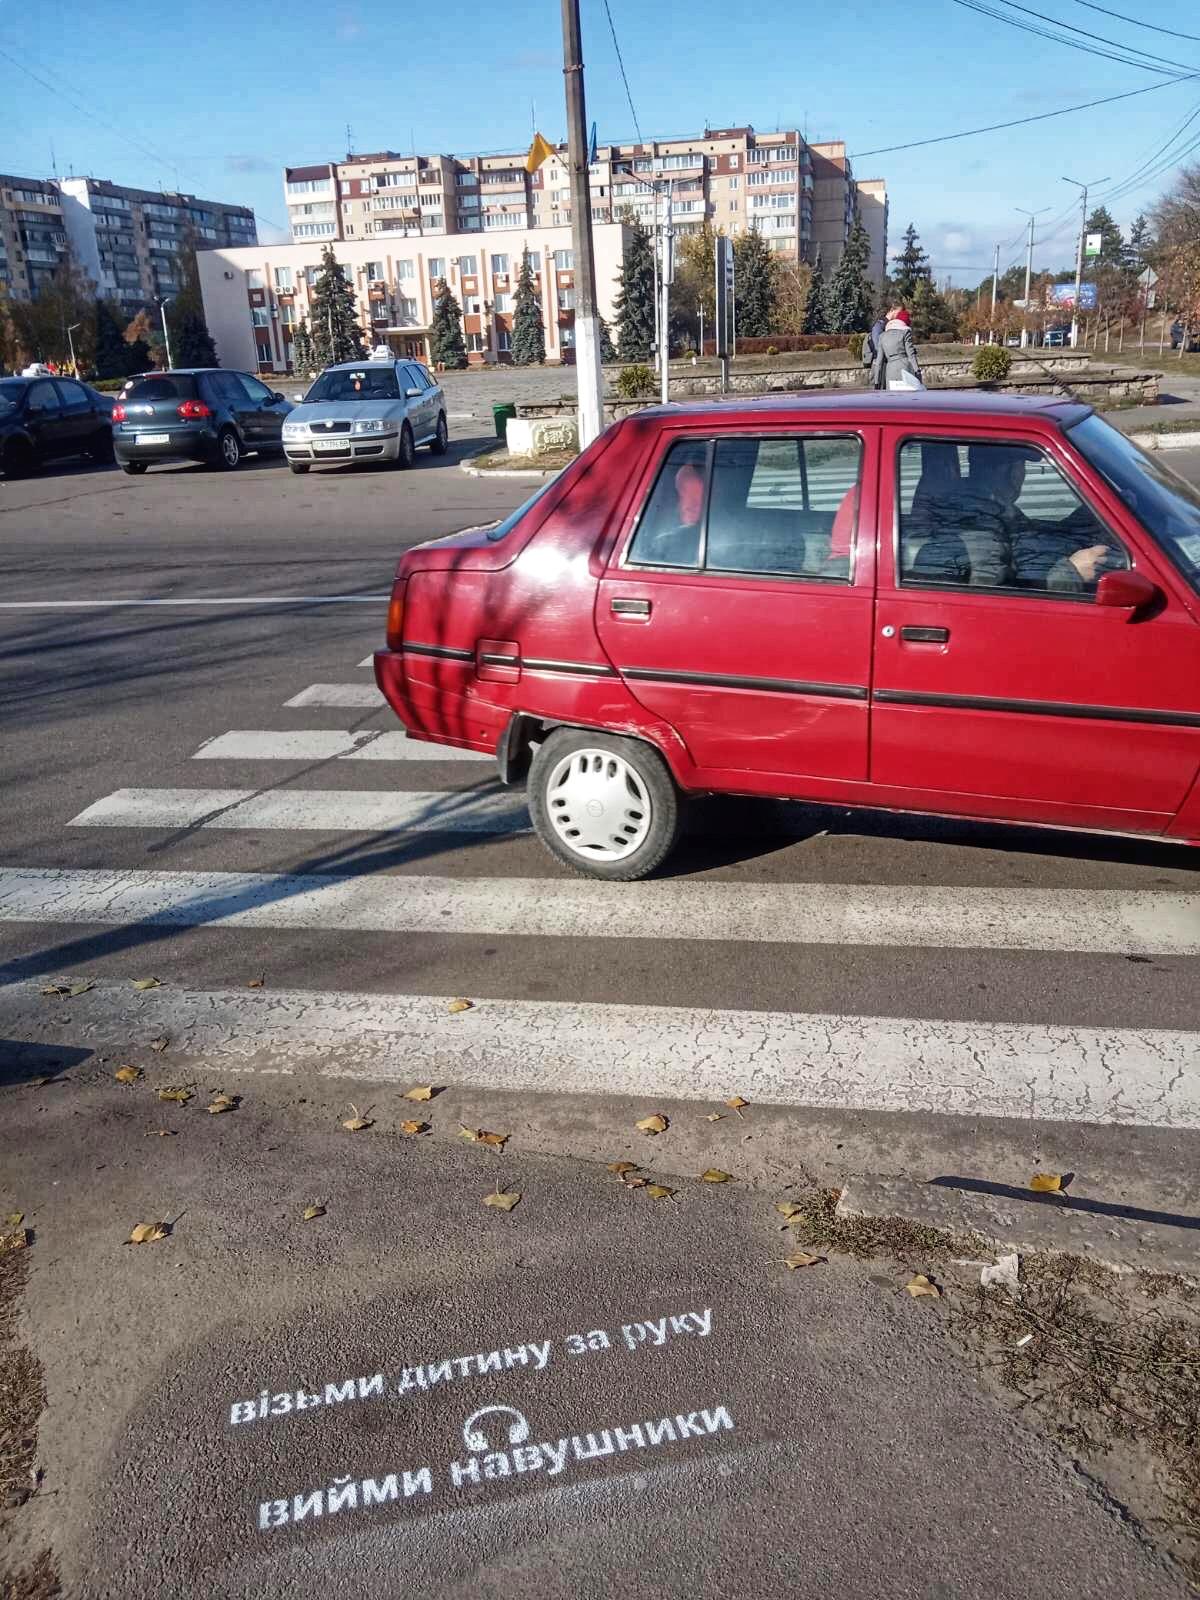 Біля «зебр» в Українці з'явилися малюнки -  - 179B316F D5AF 49CB ACBF 82939BCB2758